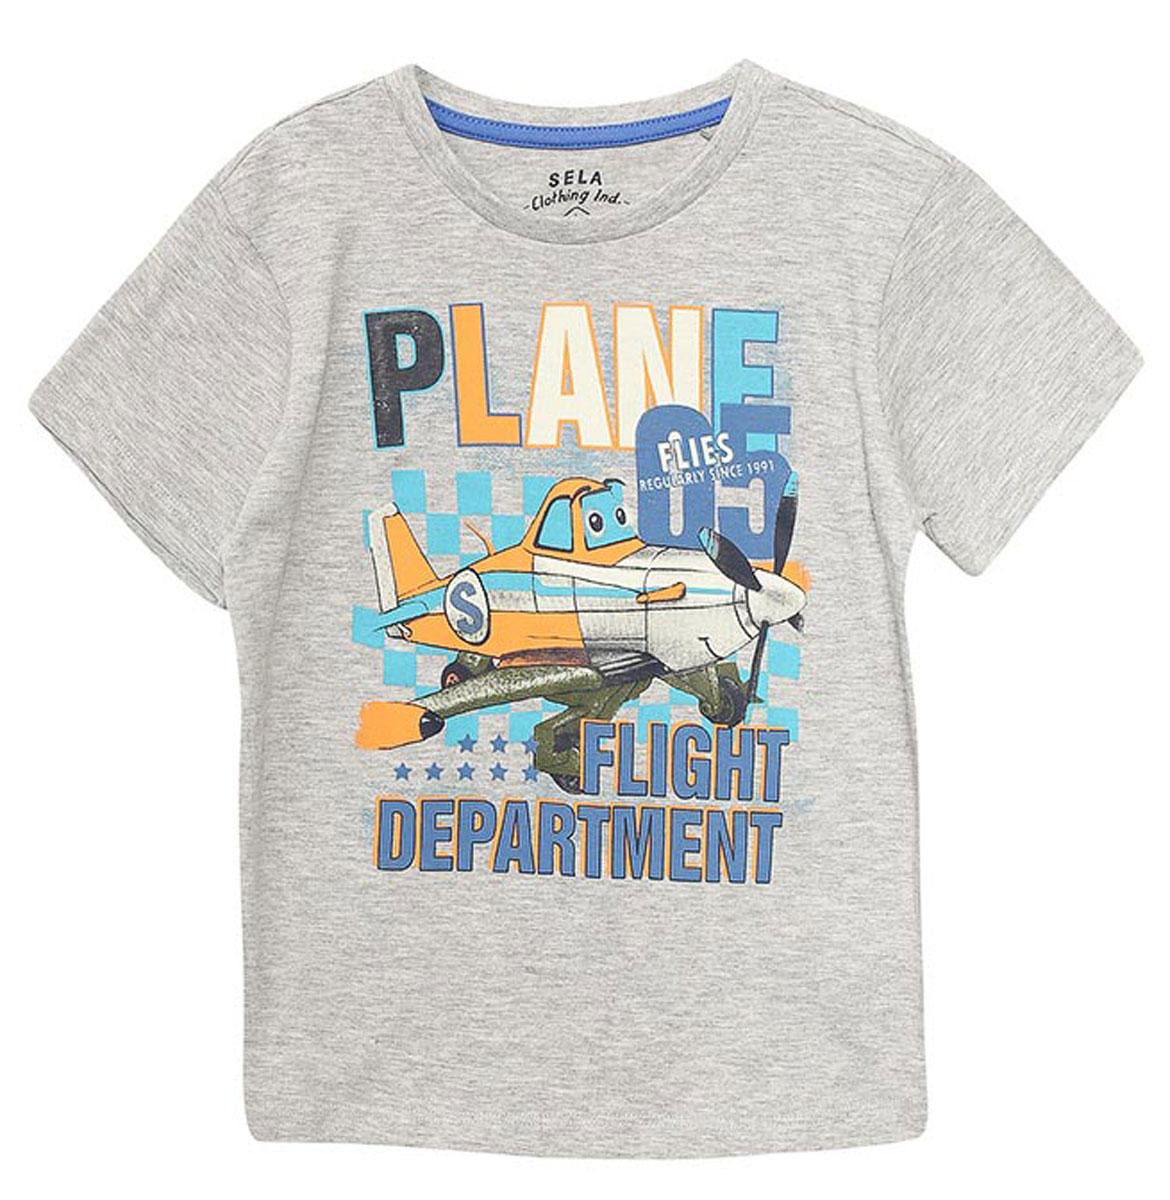 ФутболкаTs-711/194-7112Стильная футболка для мальчика Sela изготовлена из натурального хлопка и оформлена оригинальным принтом. Воротник дополнен мягкой трикотажной резинкой. Яркий цвет модели позволяет создавать модные образы.